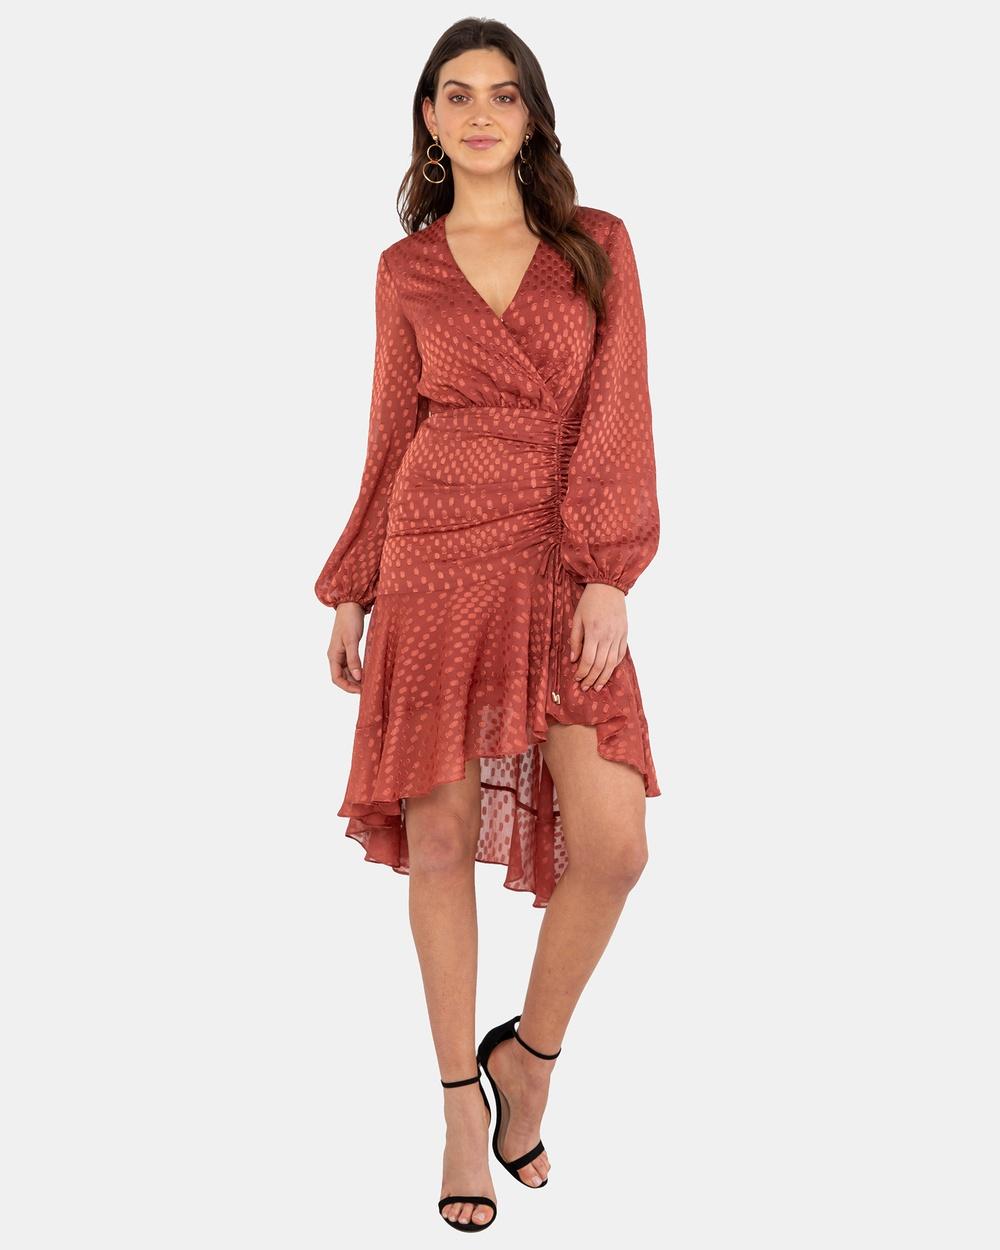 Rodeo Show Alexander Dress Dresses Russet Alexander Dress